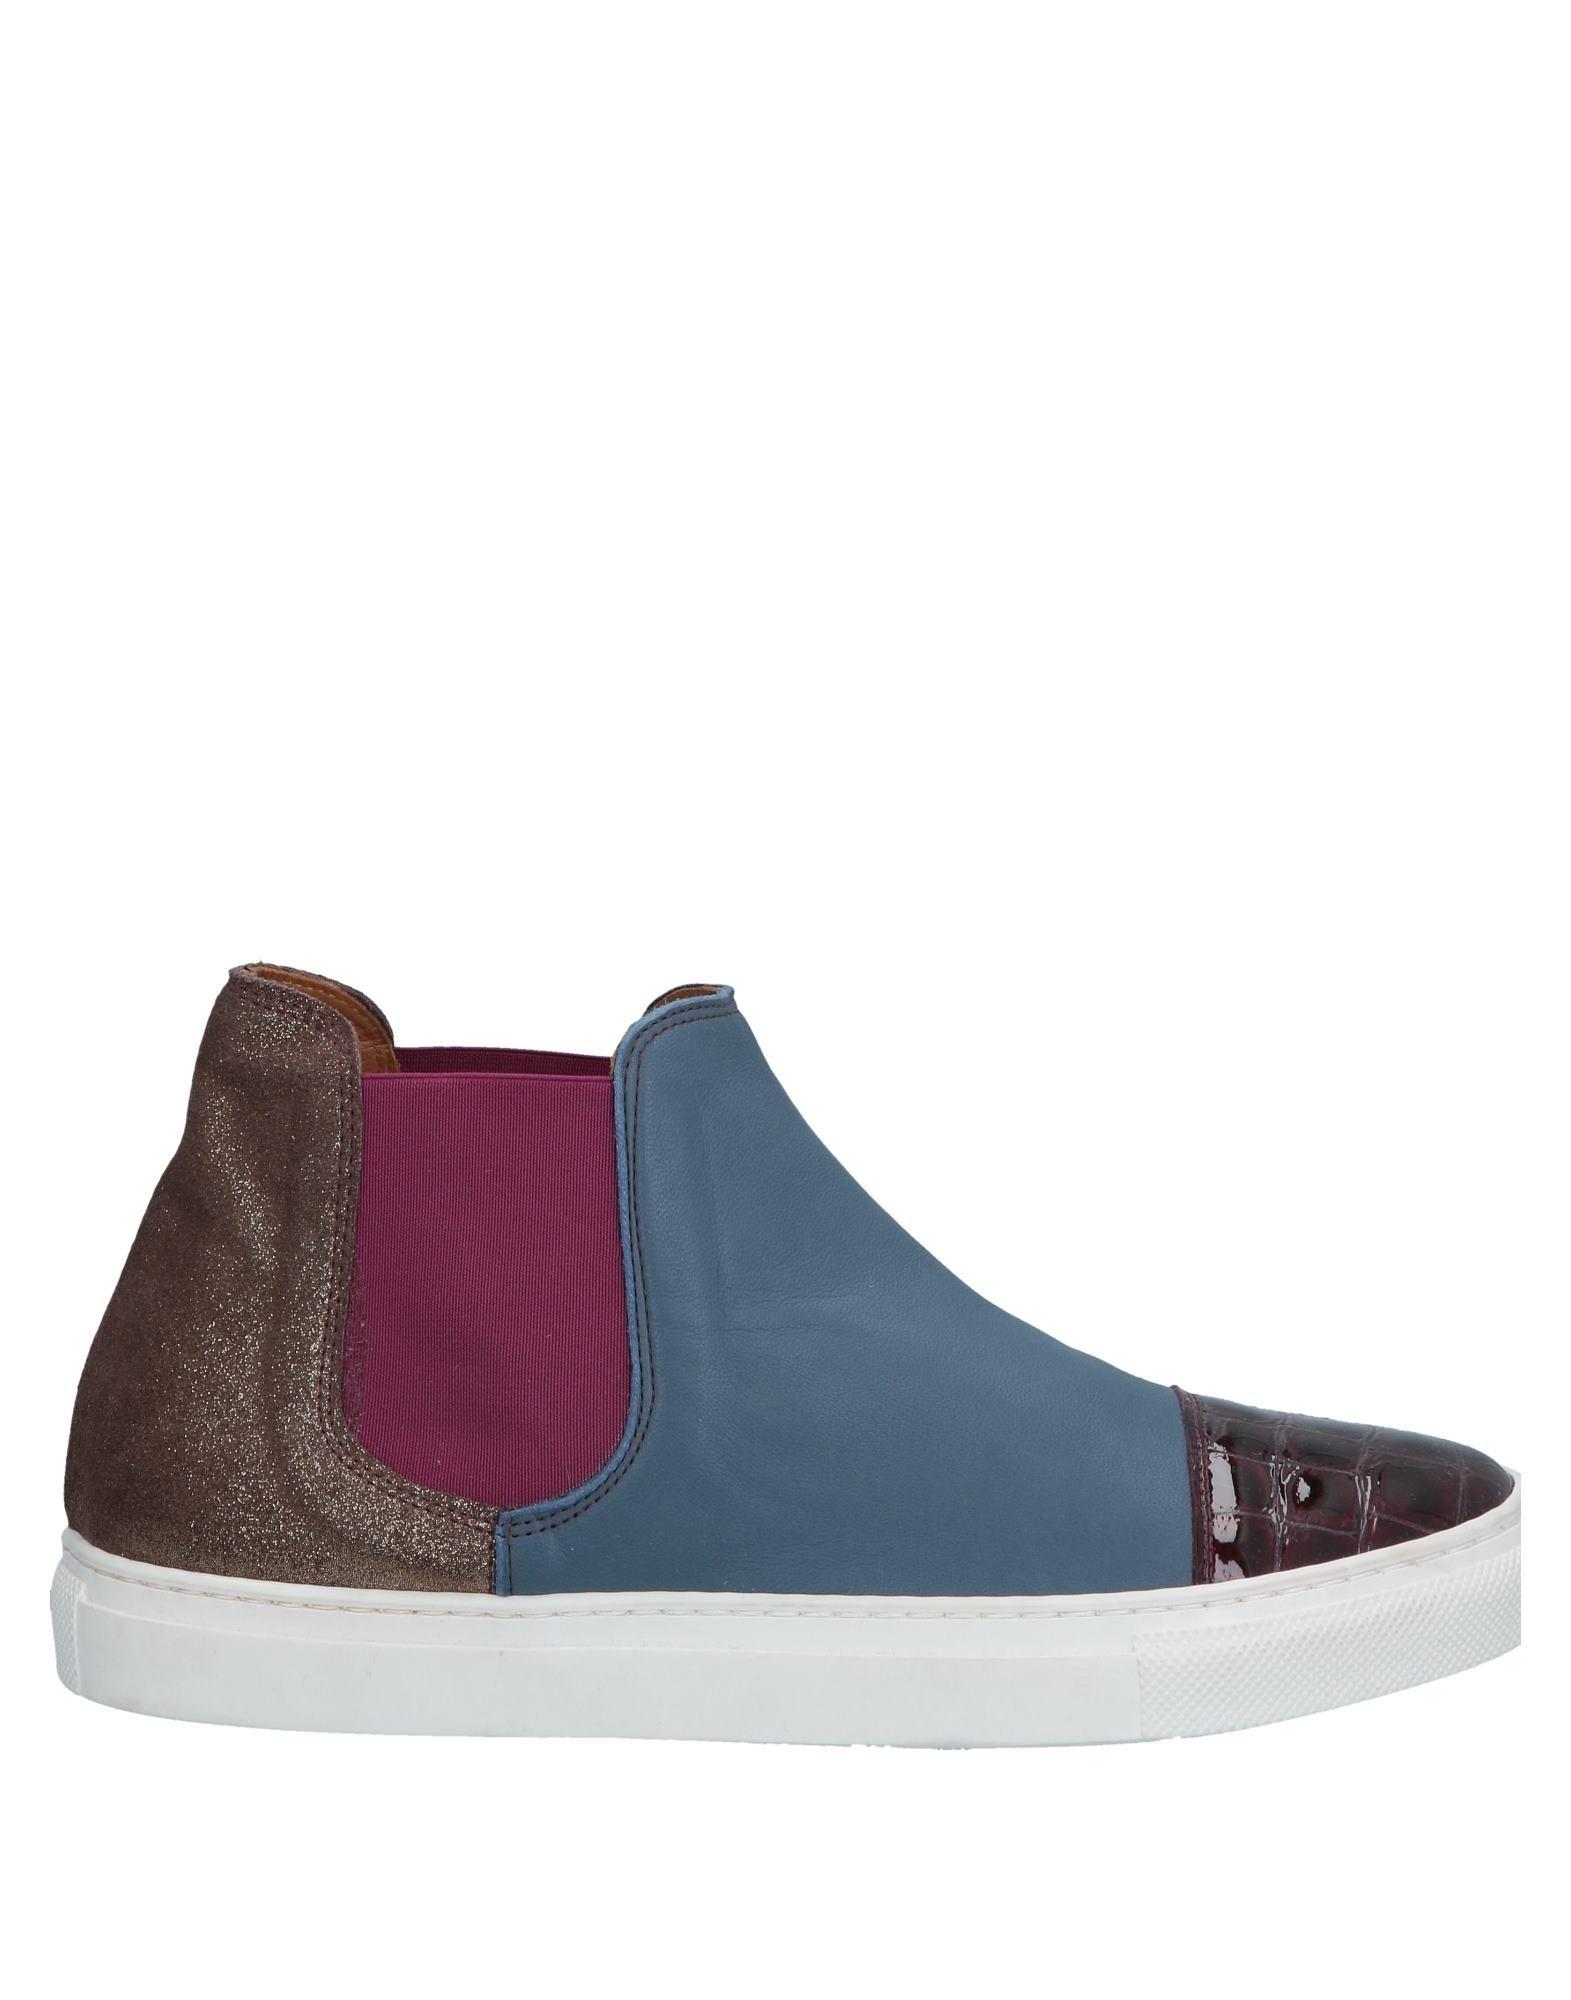 Chelsea Boots Ebarrito Donna - 11554523NL 11554523NL - f570c6